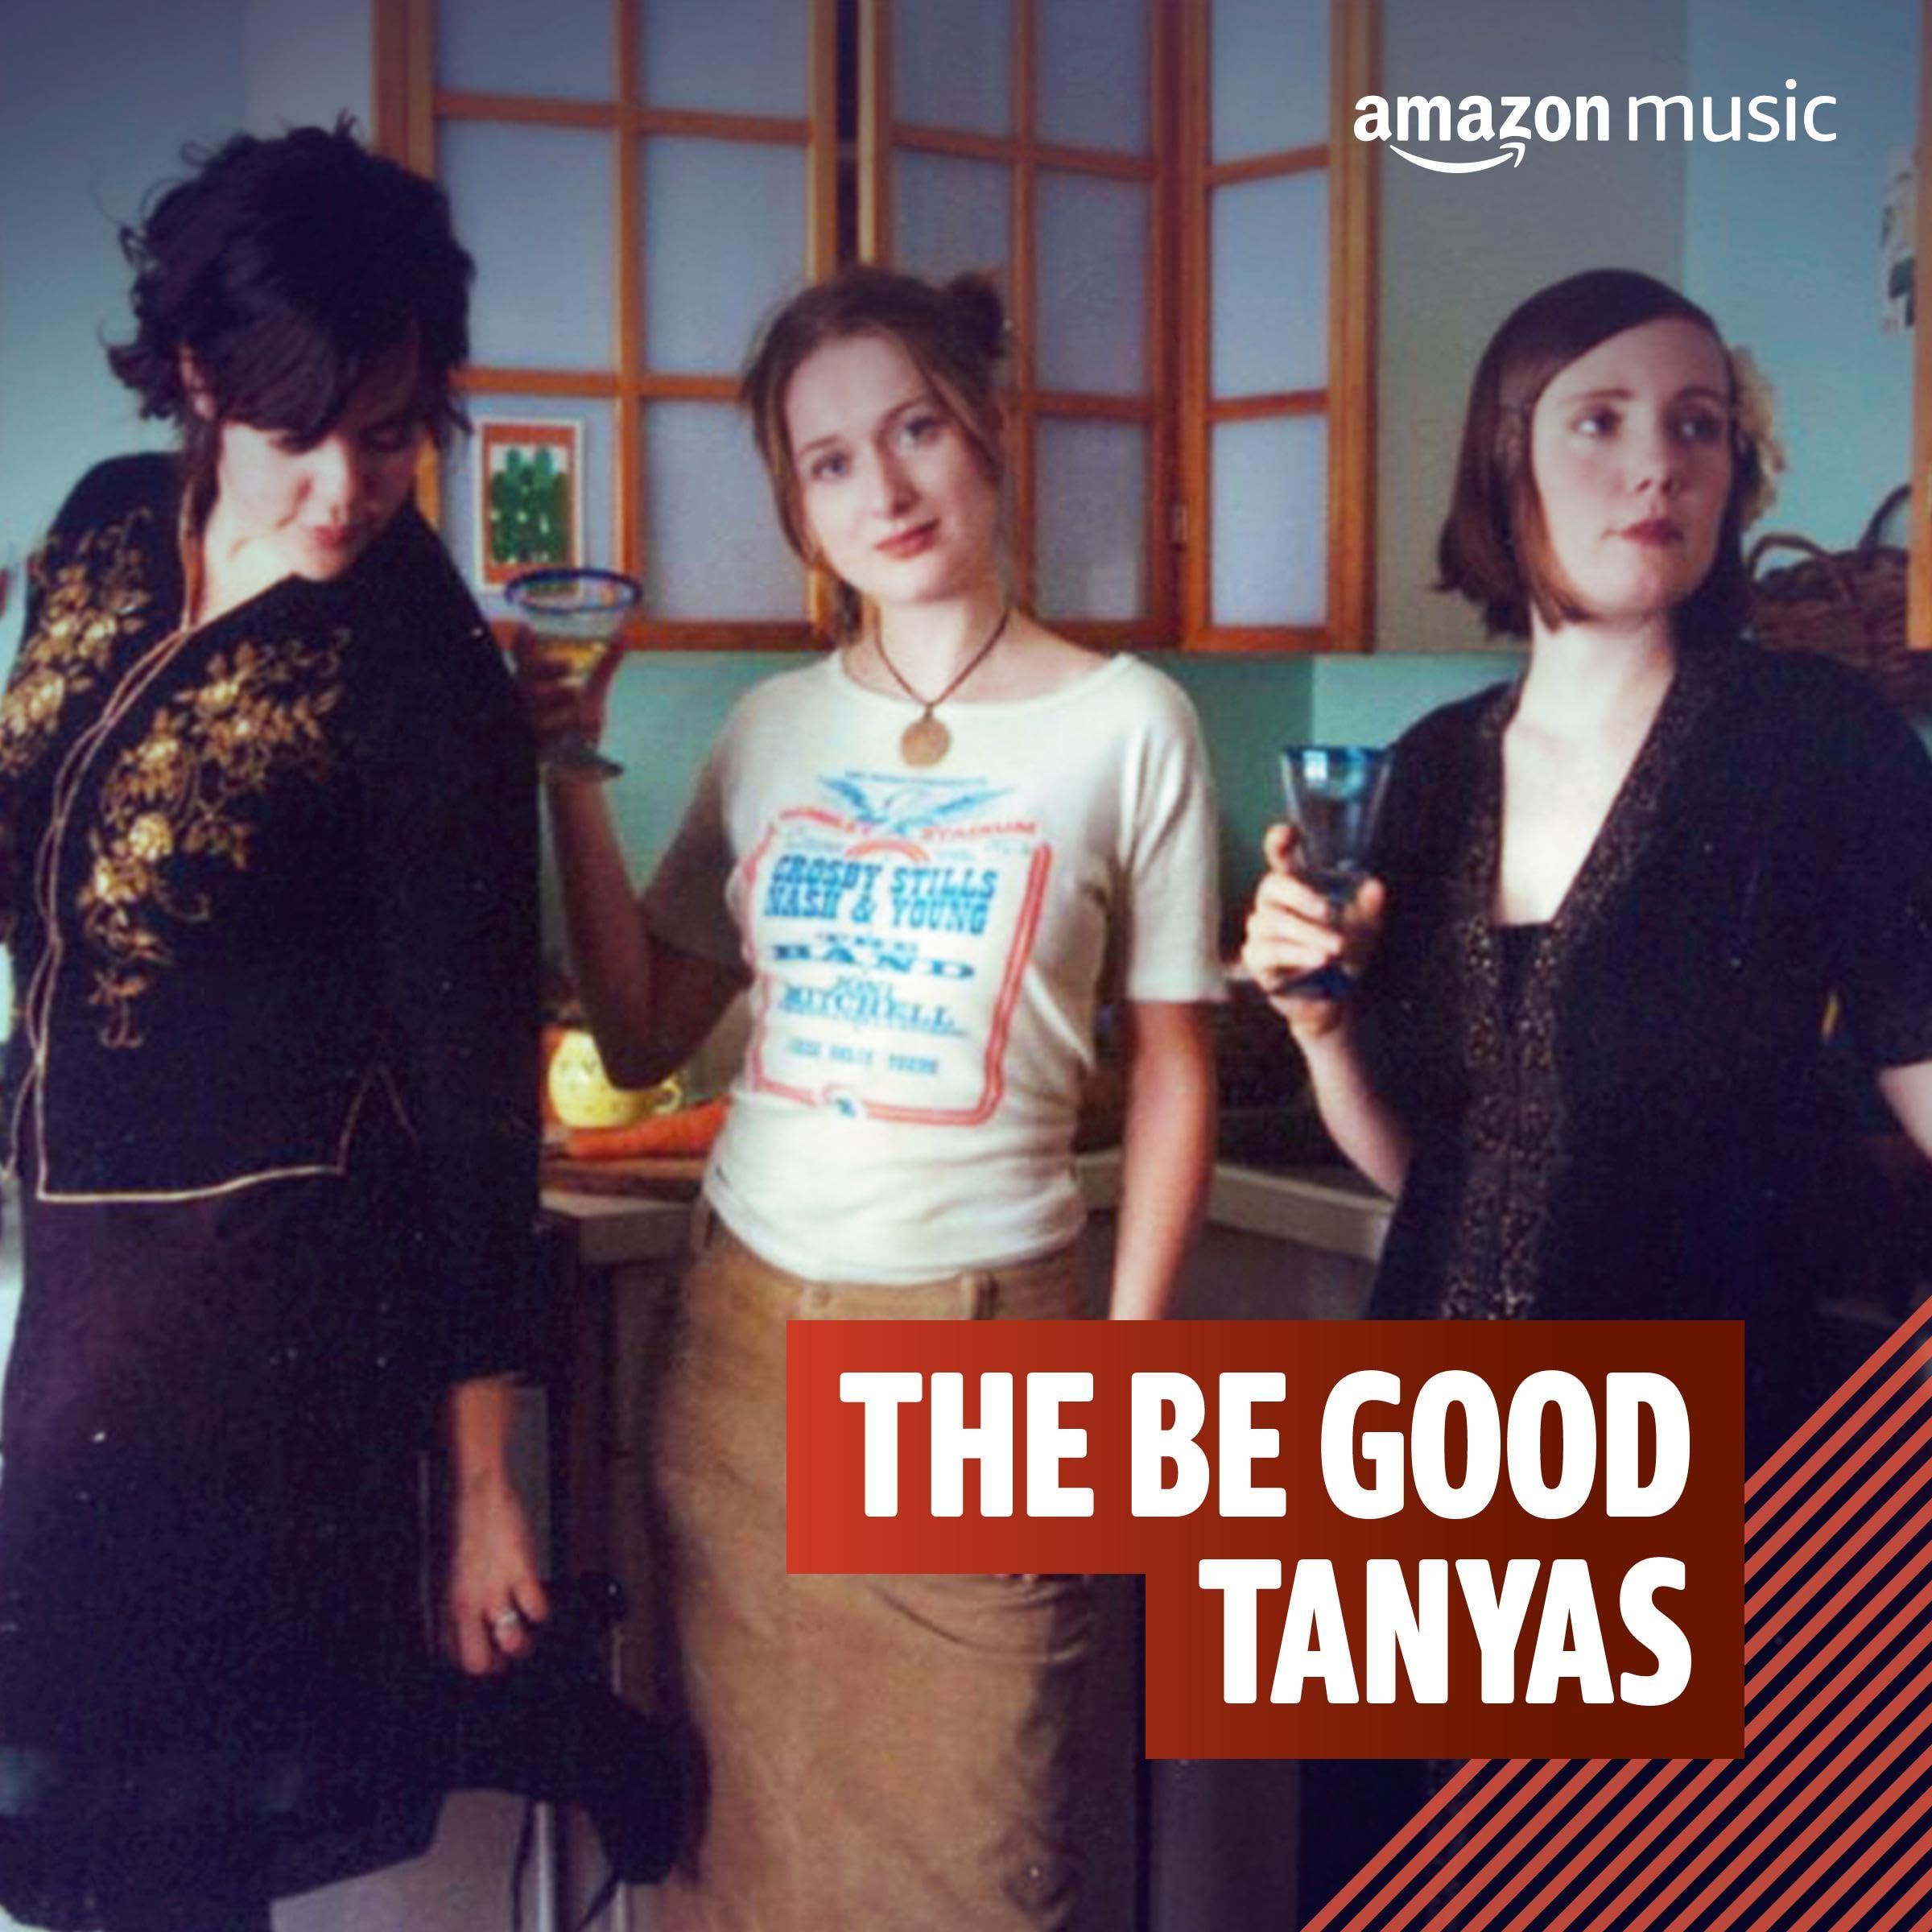 The Be Good Tanyas